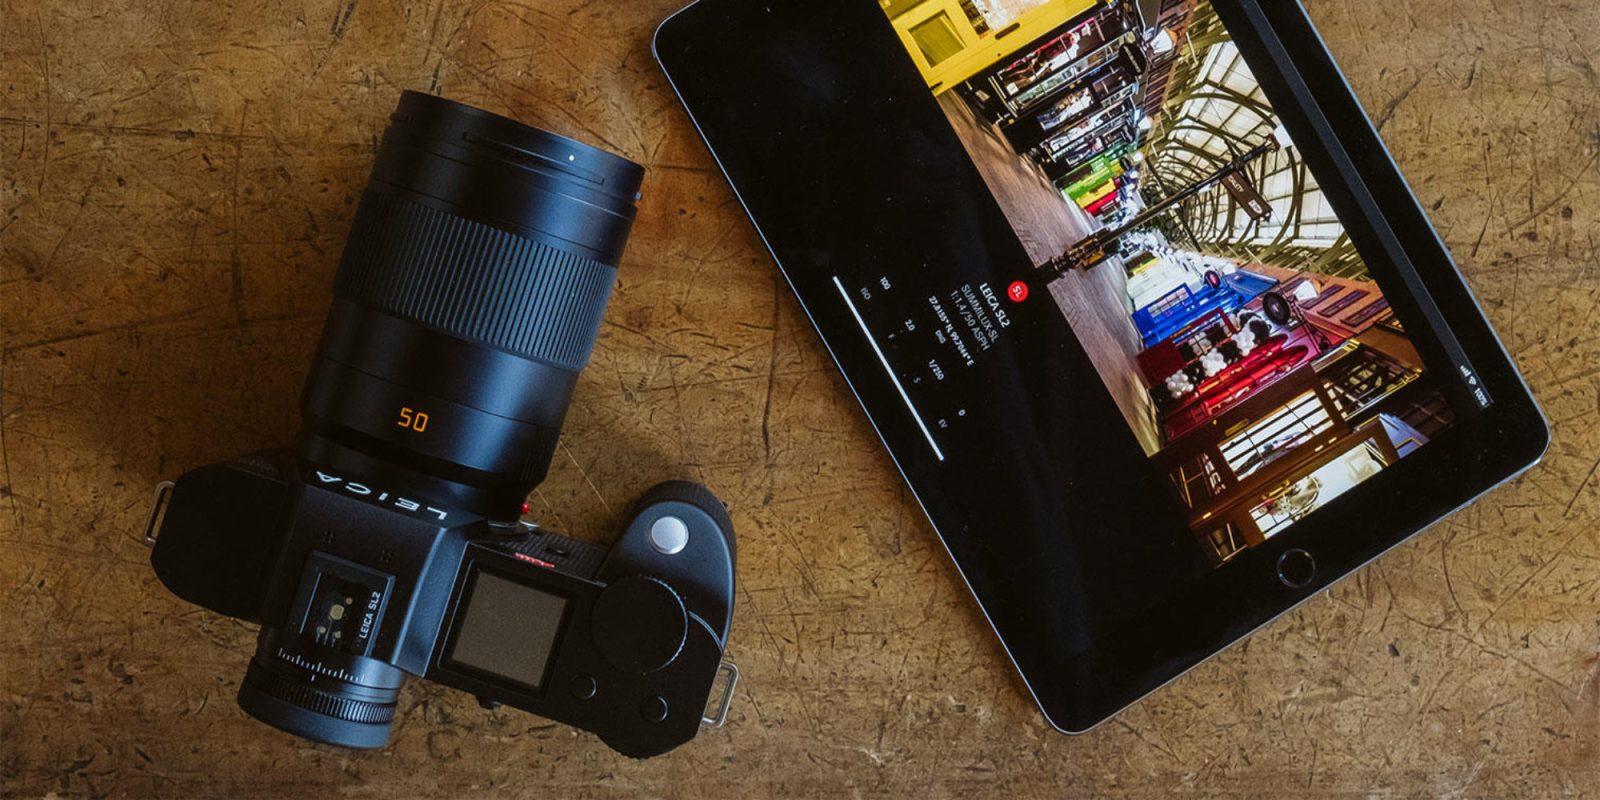 5K video headlines Leica's new 47.3-megapixel, full-frame SL2 camera